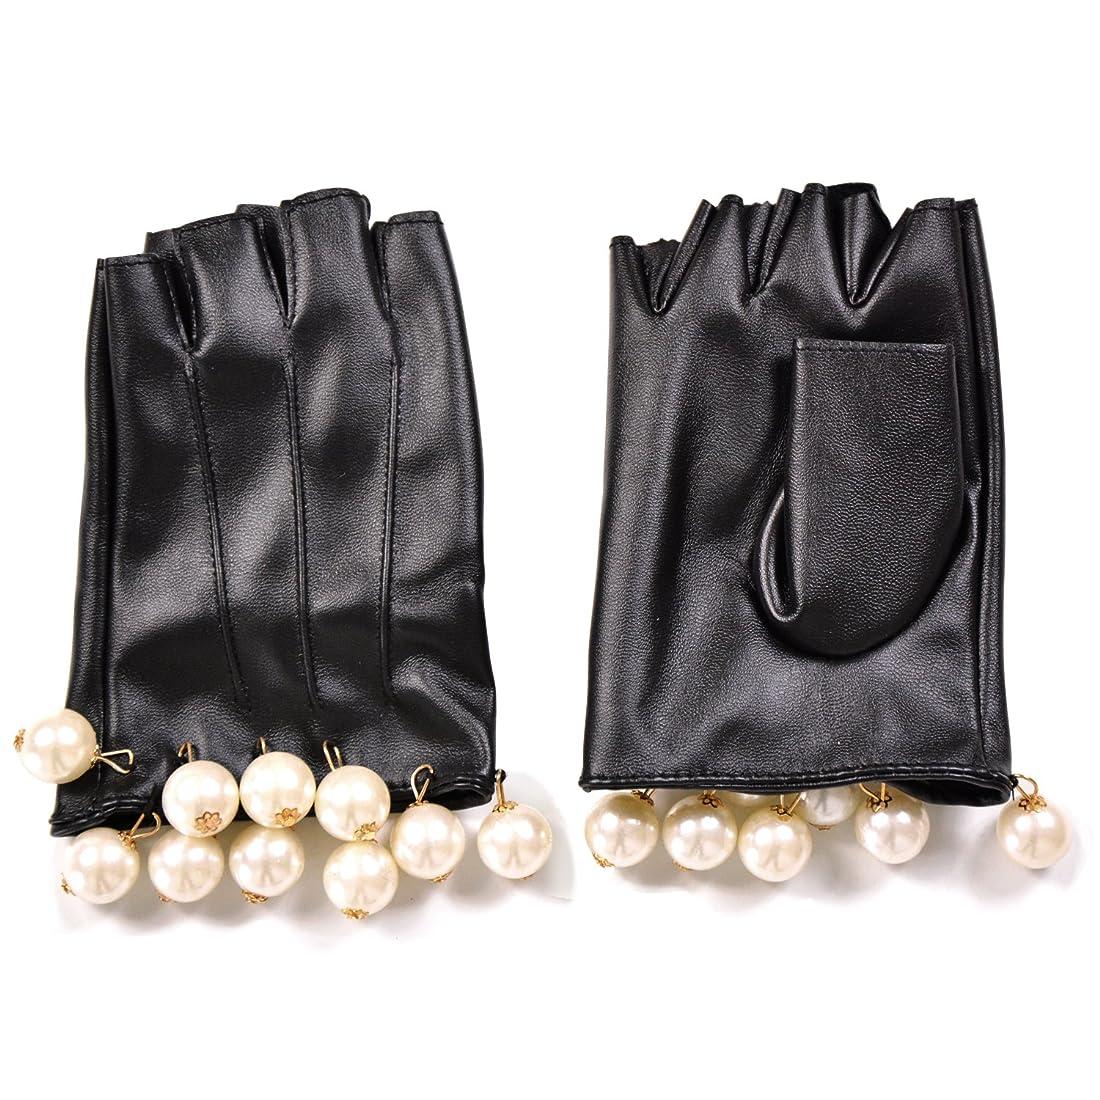 ジュラシックパークリアルそばにエレガント フェイクレザー ショートグローブ グローブ 手袋 パール フリル